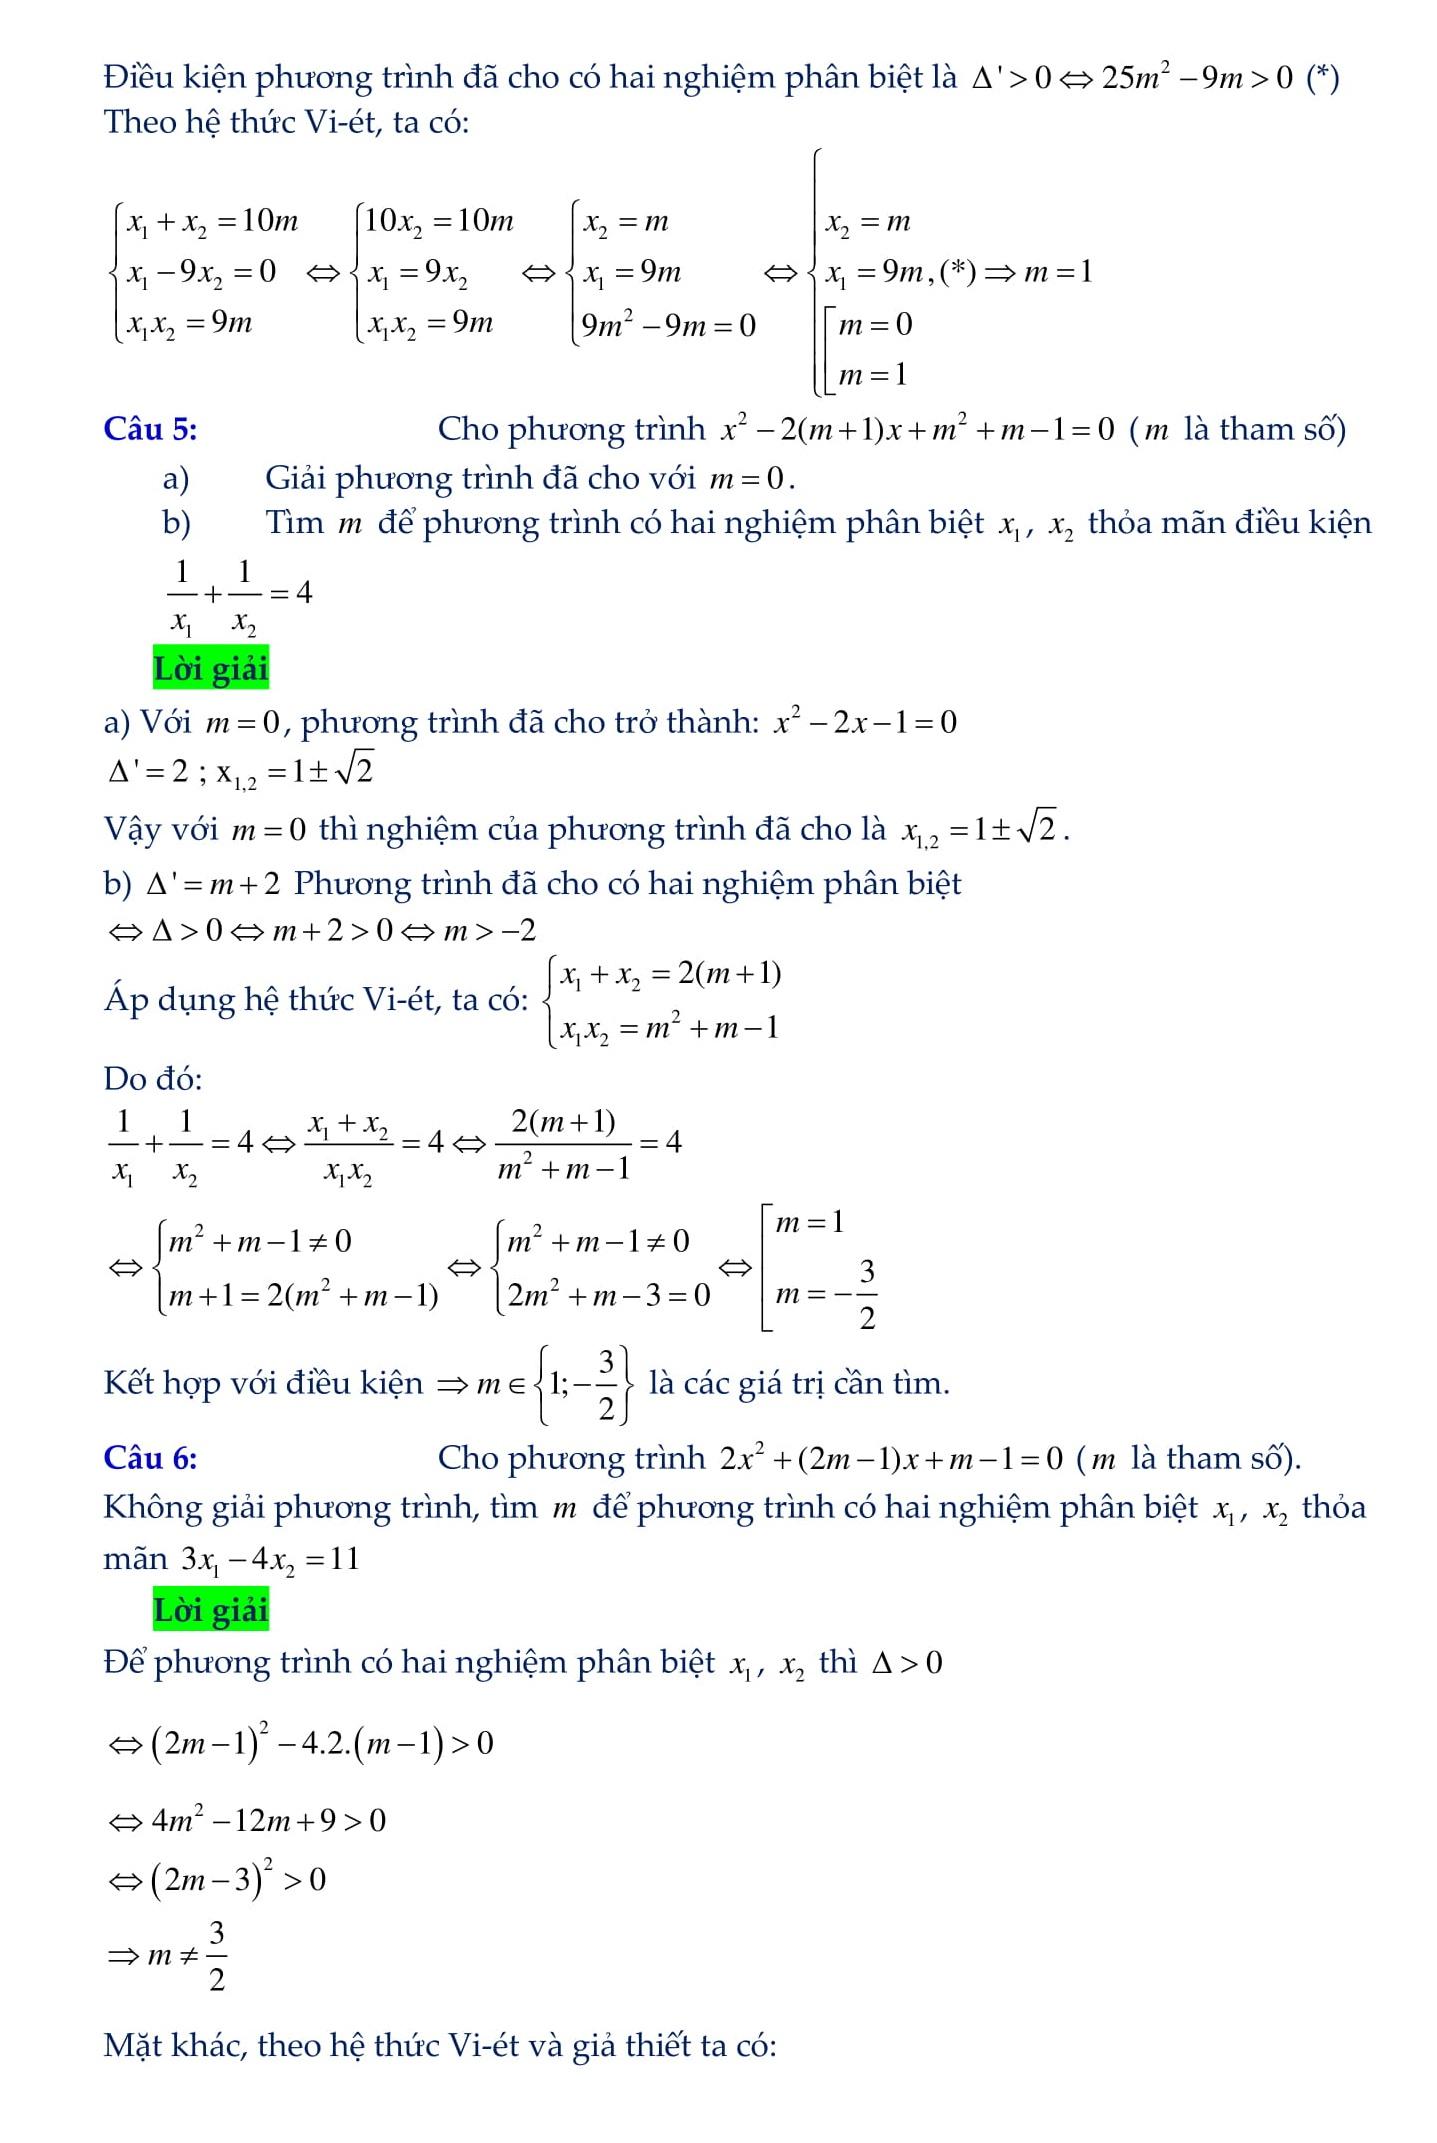 Phương trình chứa tham số trong phương trình bậc 2